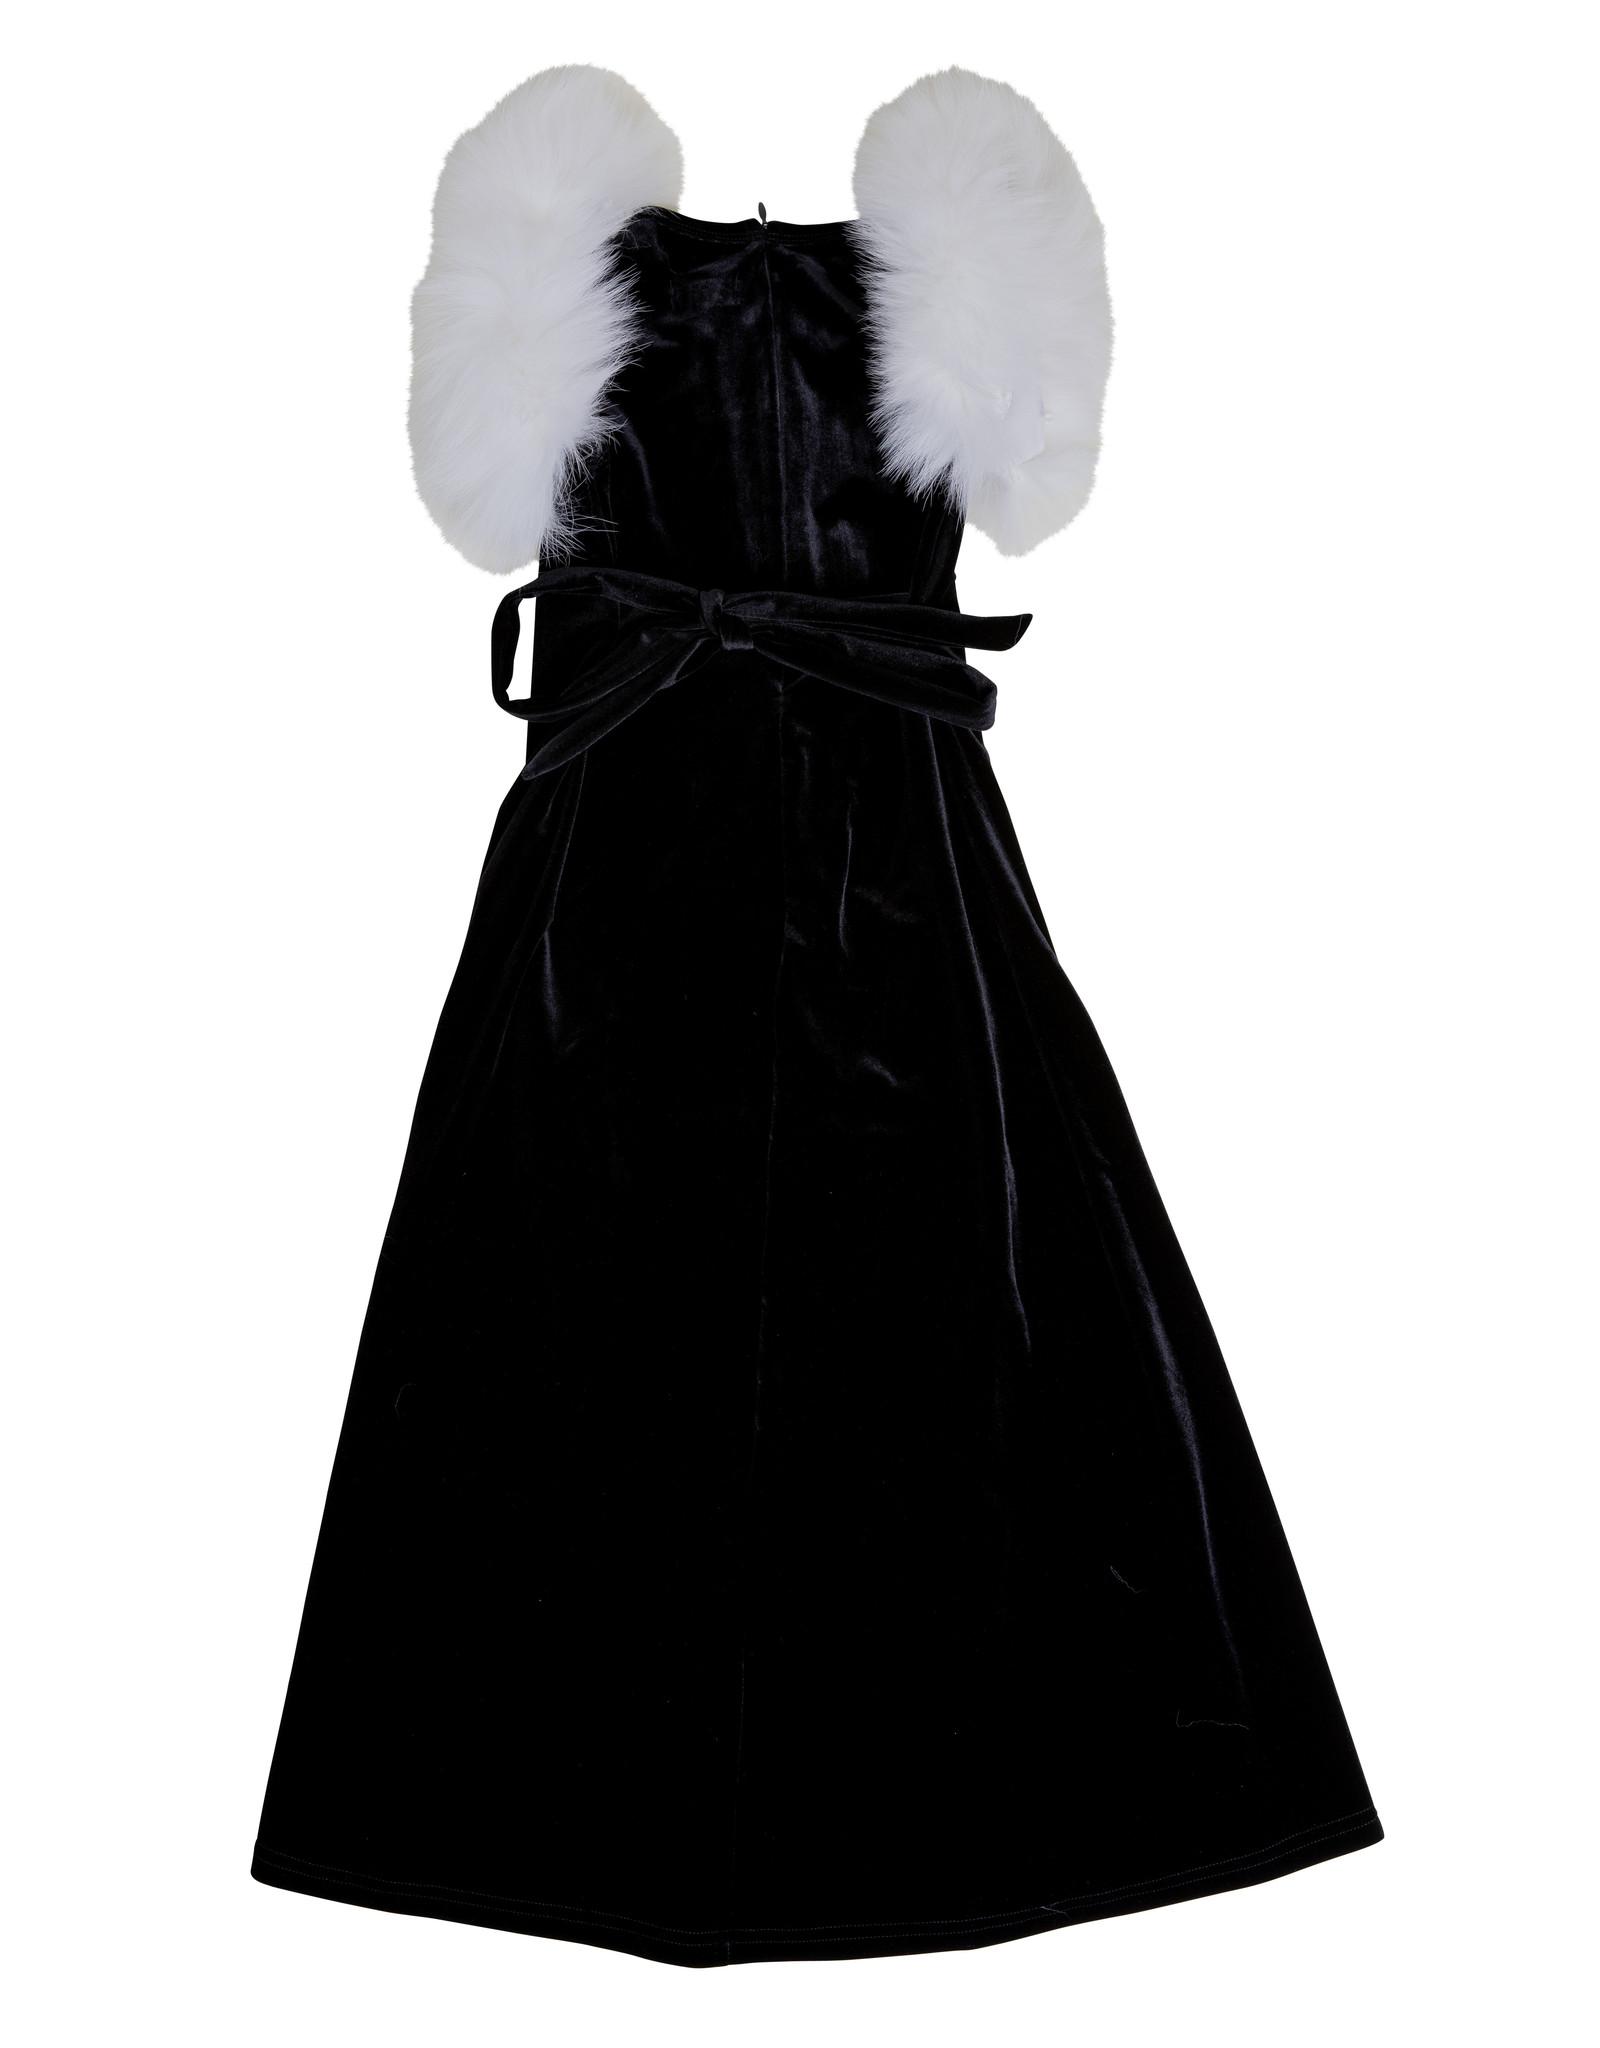 By Chanc By Chanc Fur Armhole Robe